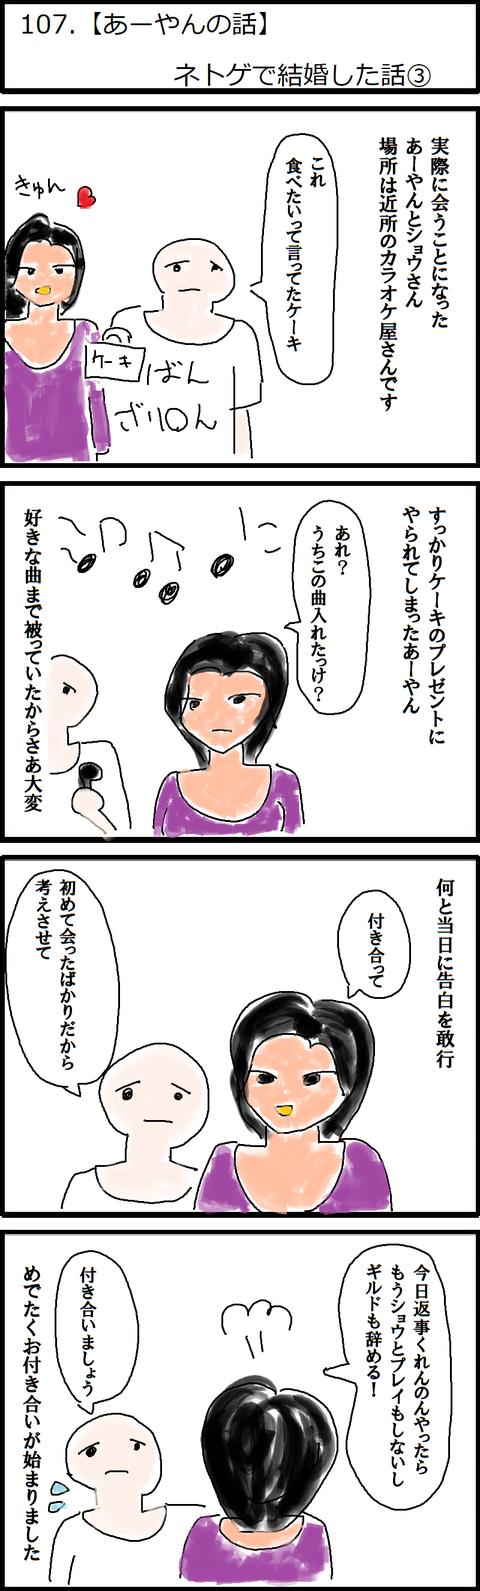 107.【あーやんの話】ネトゲで結婚した話③